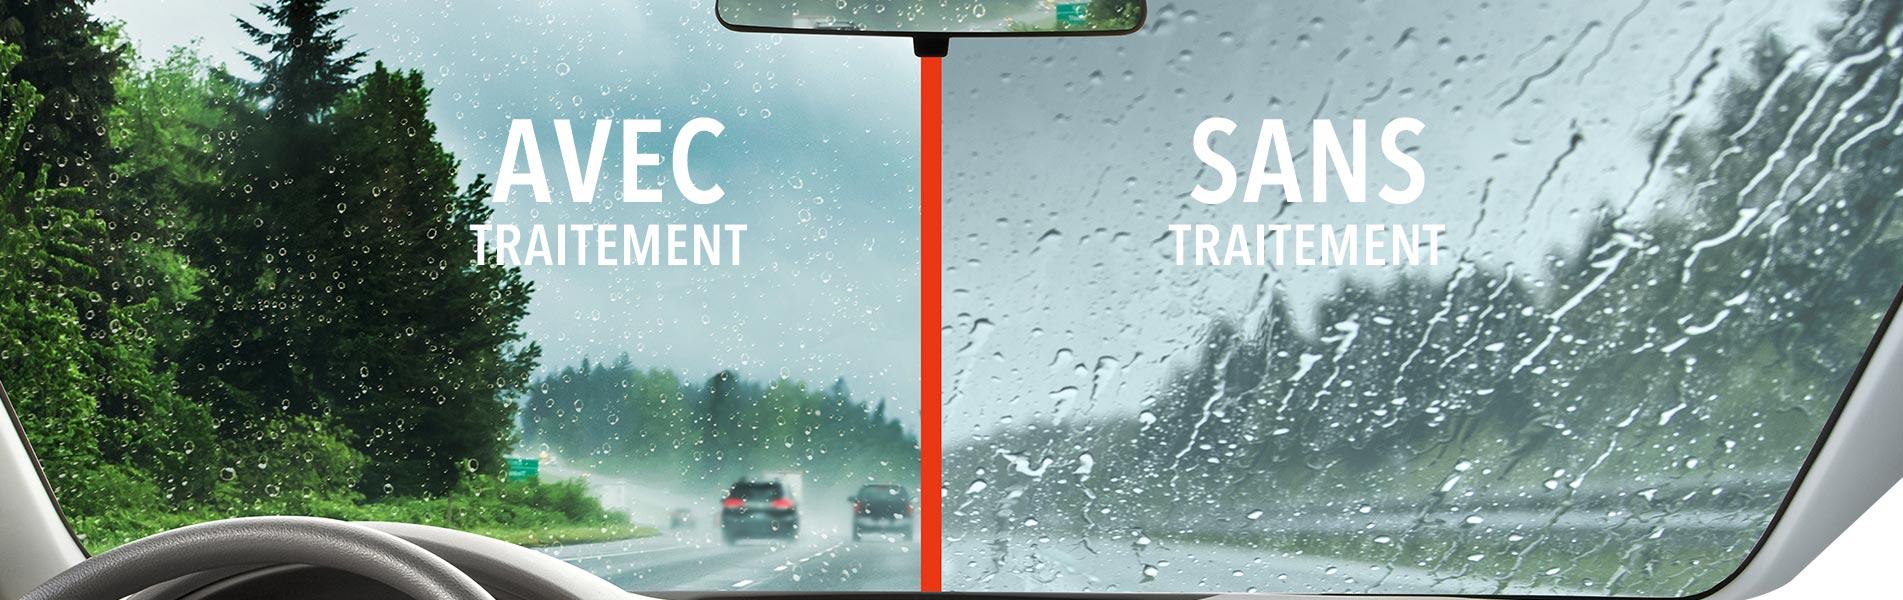 promo traitement carglass anti-pluie